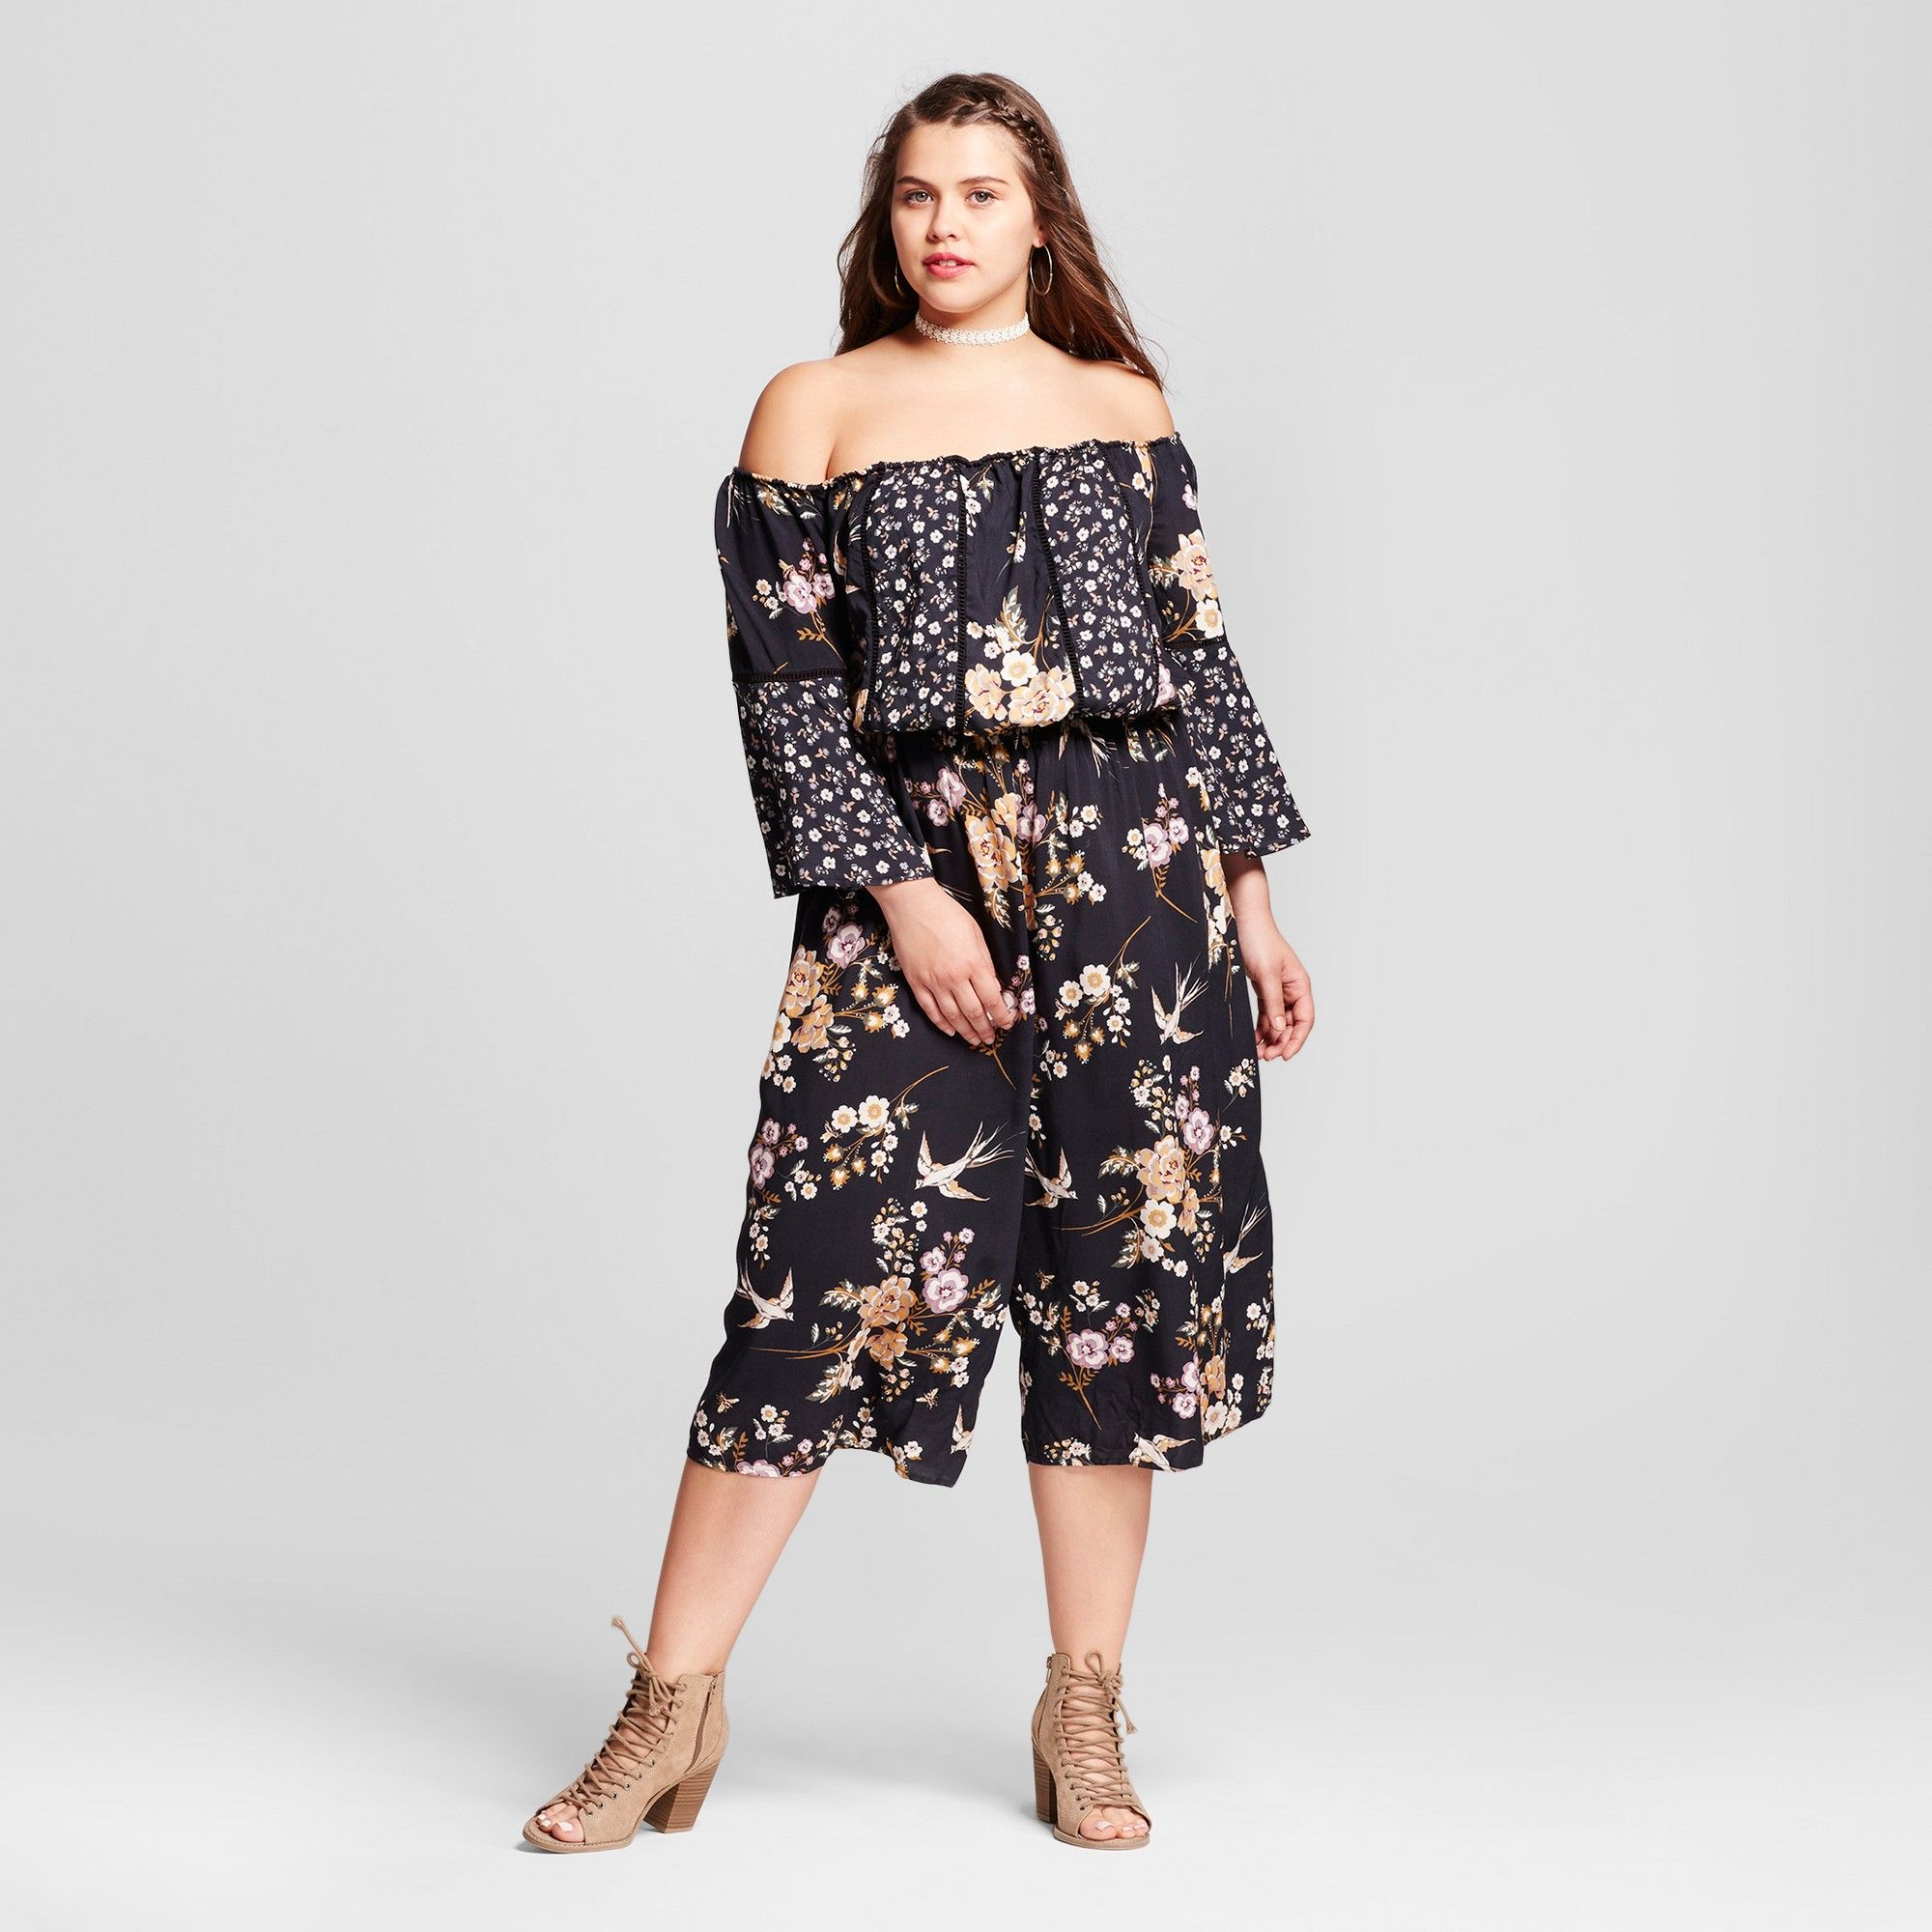 eb30bc73a8d0 Women s Plus Size Off the Shoulder Printed Woven Jumpsuit - Xhilaration  Black X